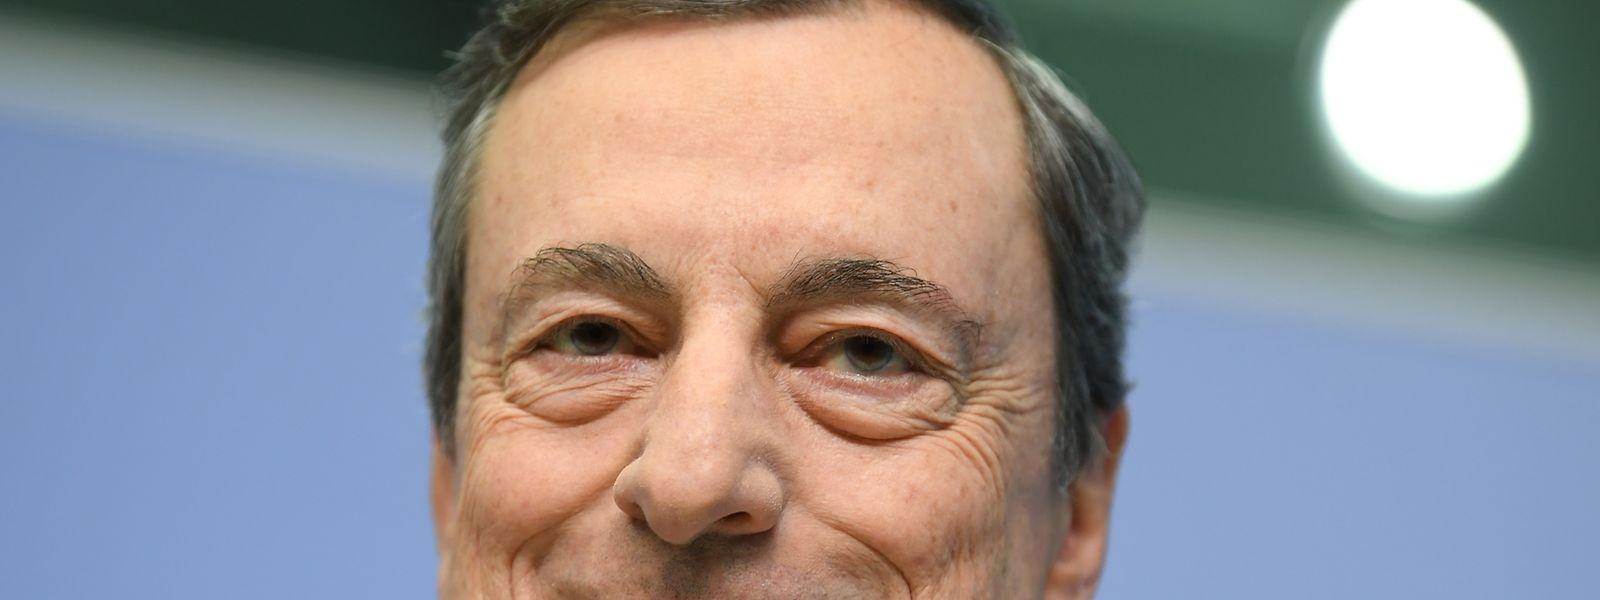 Mario Draghi, Präsident der Europäischen Zentralbank (EZB), nimmt an der Pressekonferenz in der EZB-Zentrale teil.